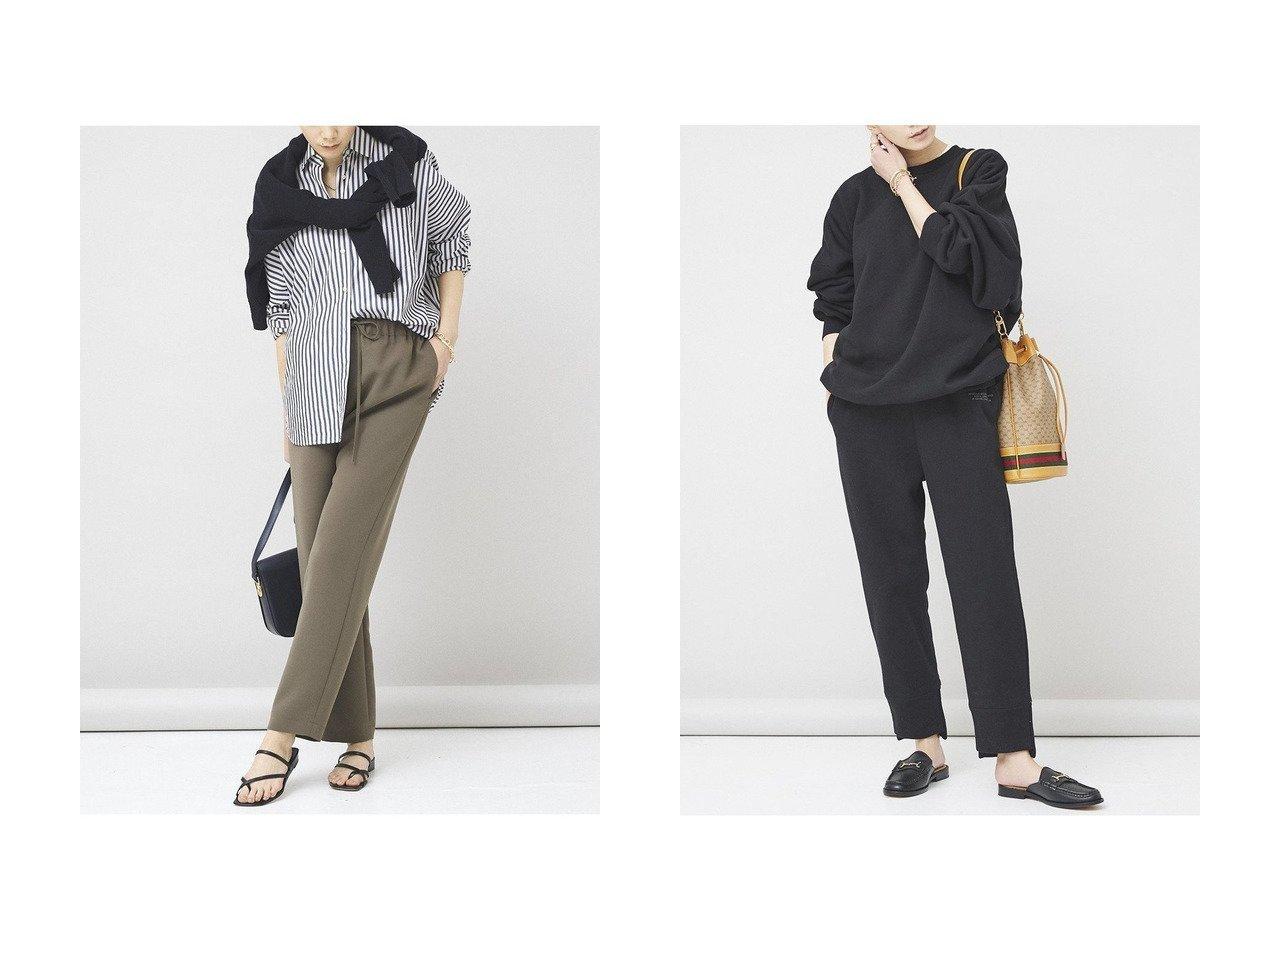 【Curensology/カレンソロジー】のテーパードパンツ&【&RC】ヘビースウェットパンツ パンツのおすすめ!人気、トレンド・レディースファッションの通販 おすすめで人気の流行・トレンド、ファッションの通販商品 メンズファッション・キッズファッション・インテリア・家具・レディースファッション・服の通販 founy(ファニー) https://founy.com/ ファッション Fashion レディースファッション WOMEN パンツ Pants 2021年 2021 2021 春夏 S/S SS Spring/Summer 2021 S/S 春夏 SS Spring/Summer カットソー シンプル トレーナー ビッグ ベーシック 春 Spring |ID:crp329100000015268